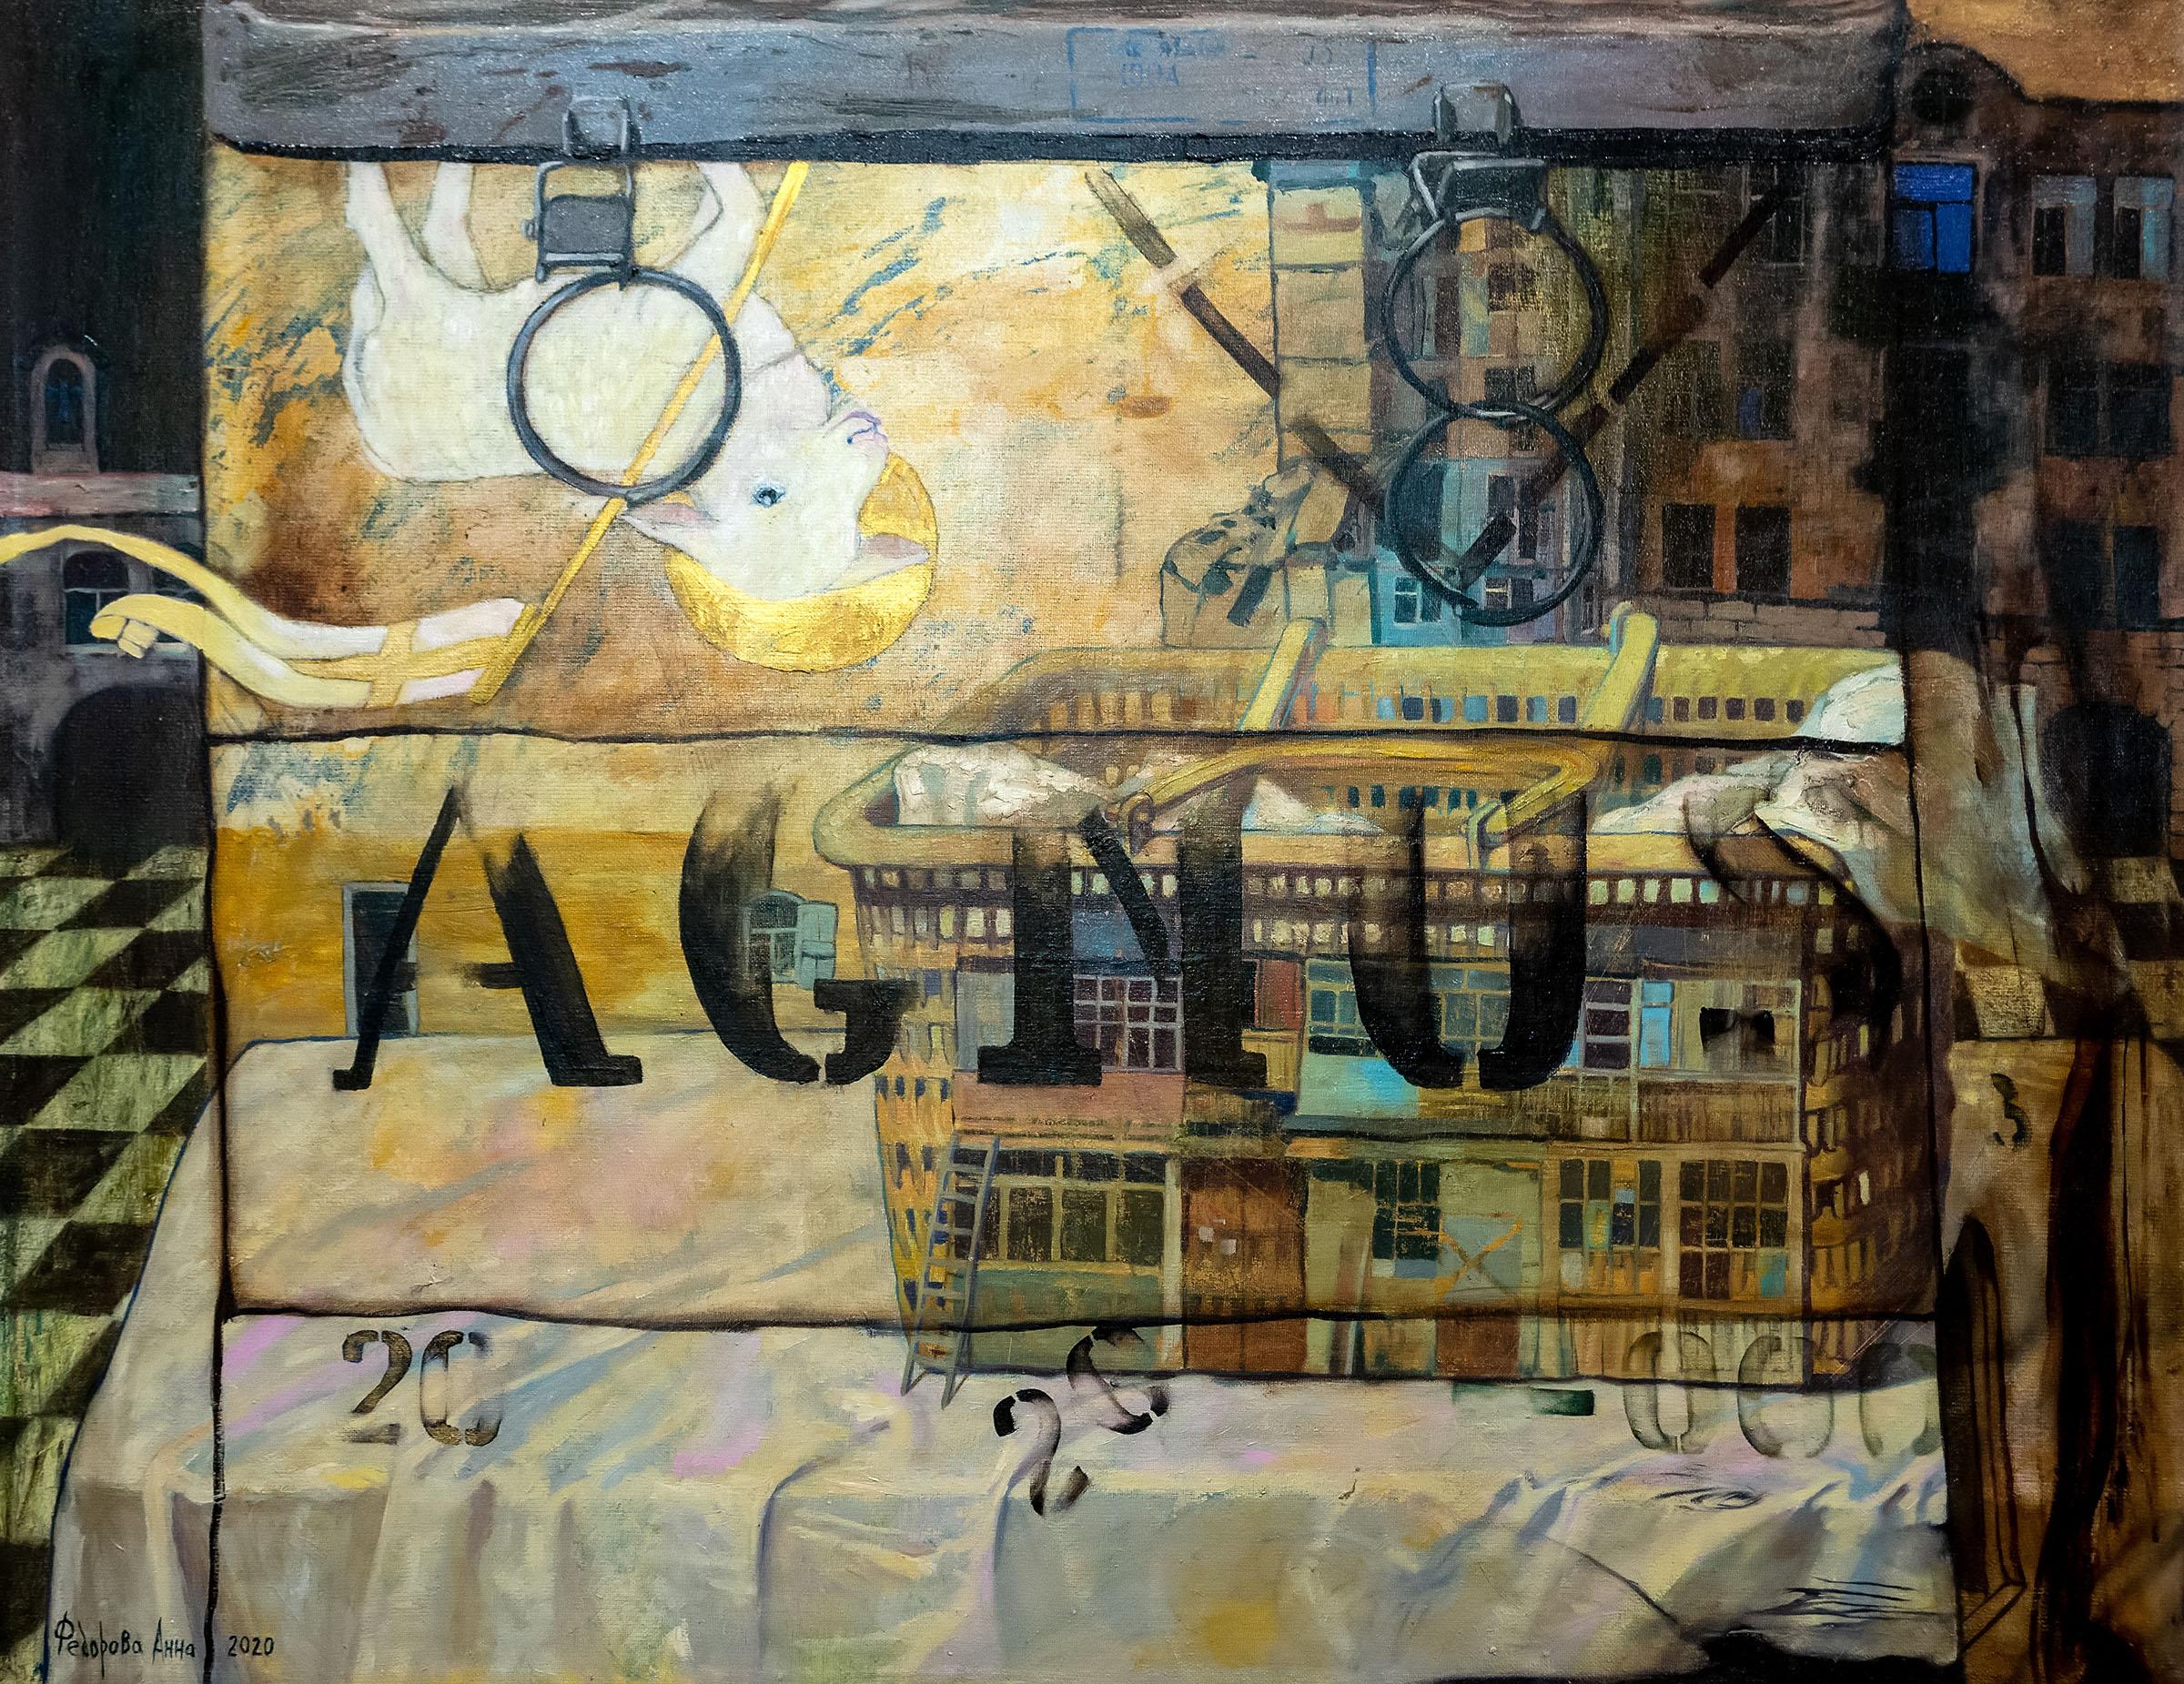 Агнец. Анна Федорова, 2020::«Апокалипсис. Возрождение ». Адель Халиуллин (скульптура), Анна Федорова (живопись)